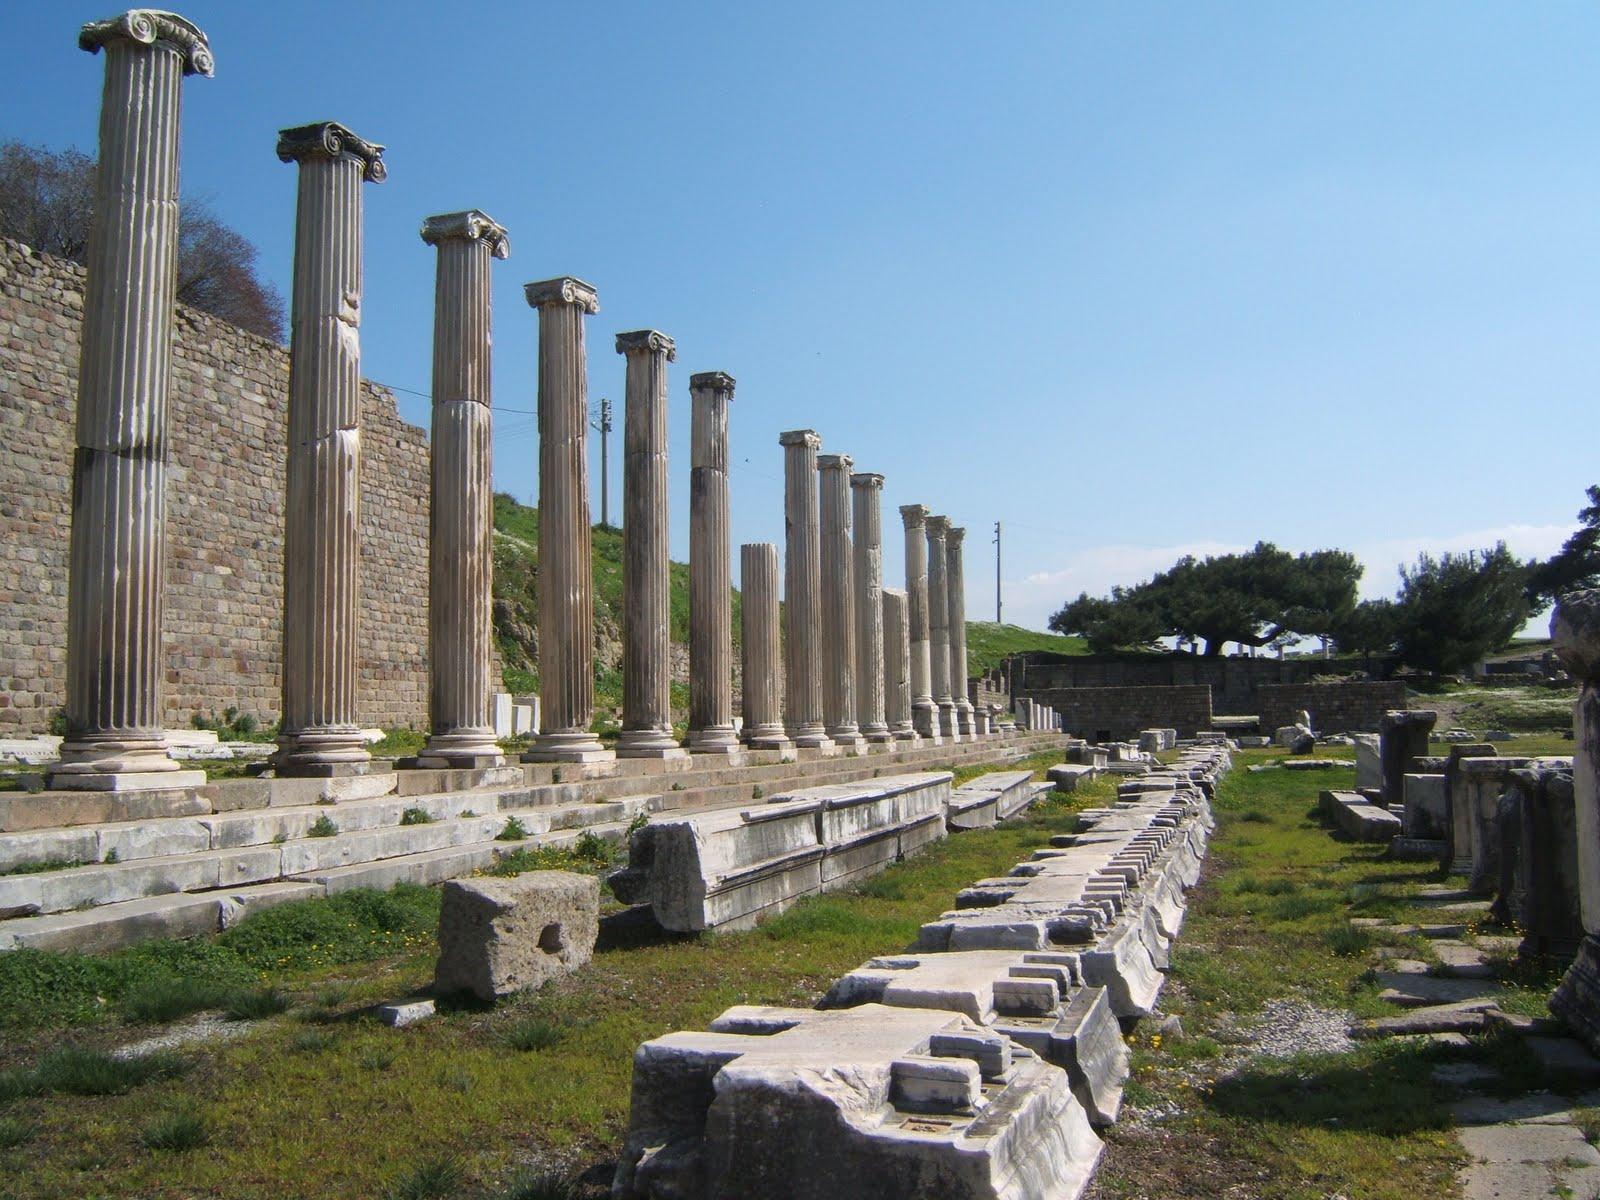 Asklepion columns, Pergamon, Turkey